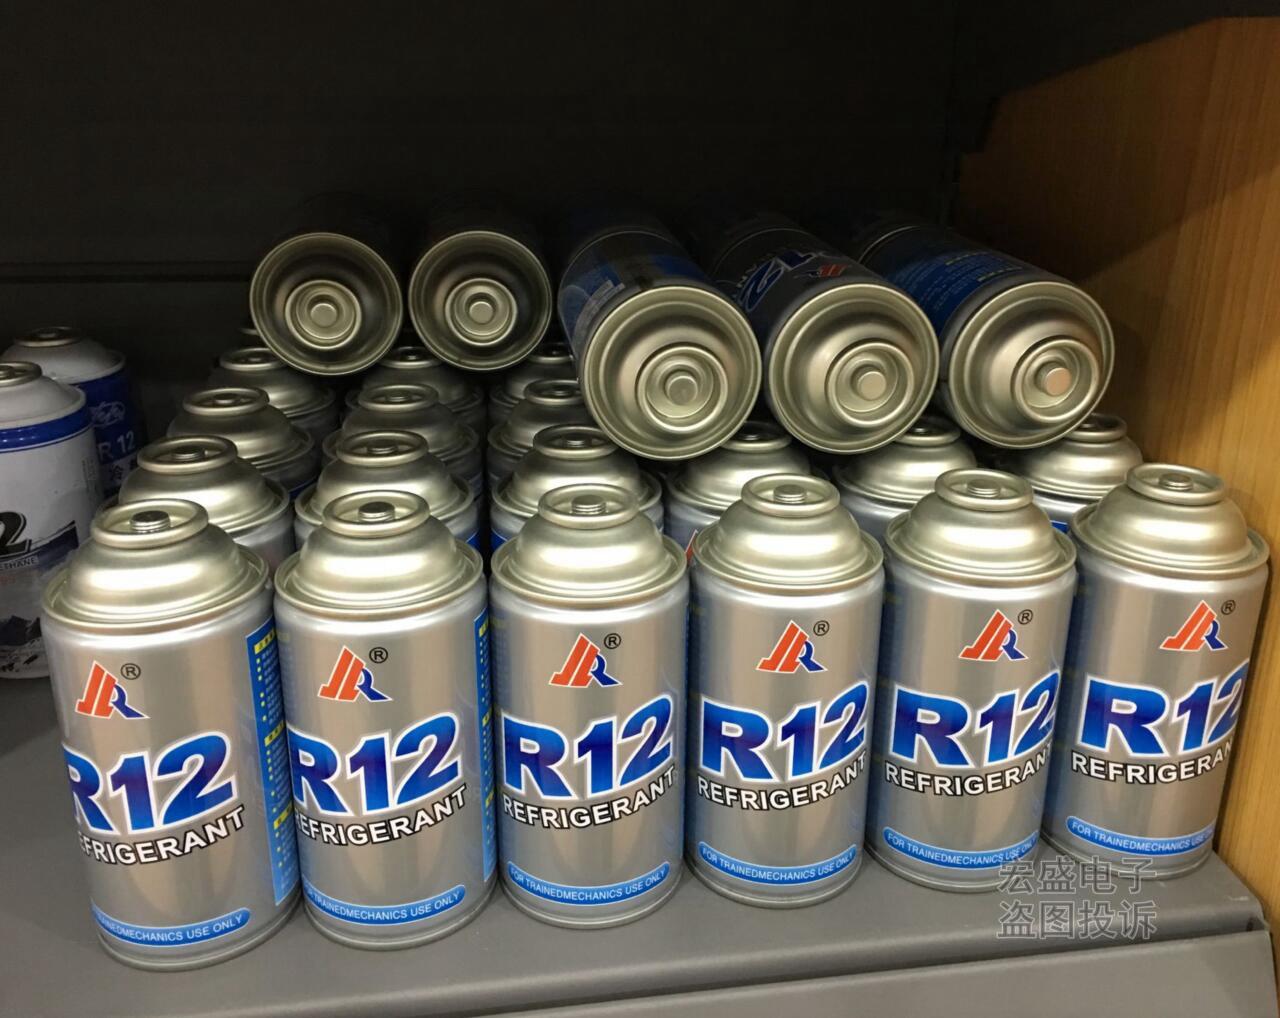 金莱尔 R600a/R134a/R12/R406A хладагента фреона холодильник автомобильных кондиционеров хладагент